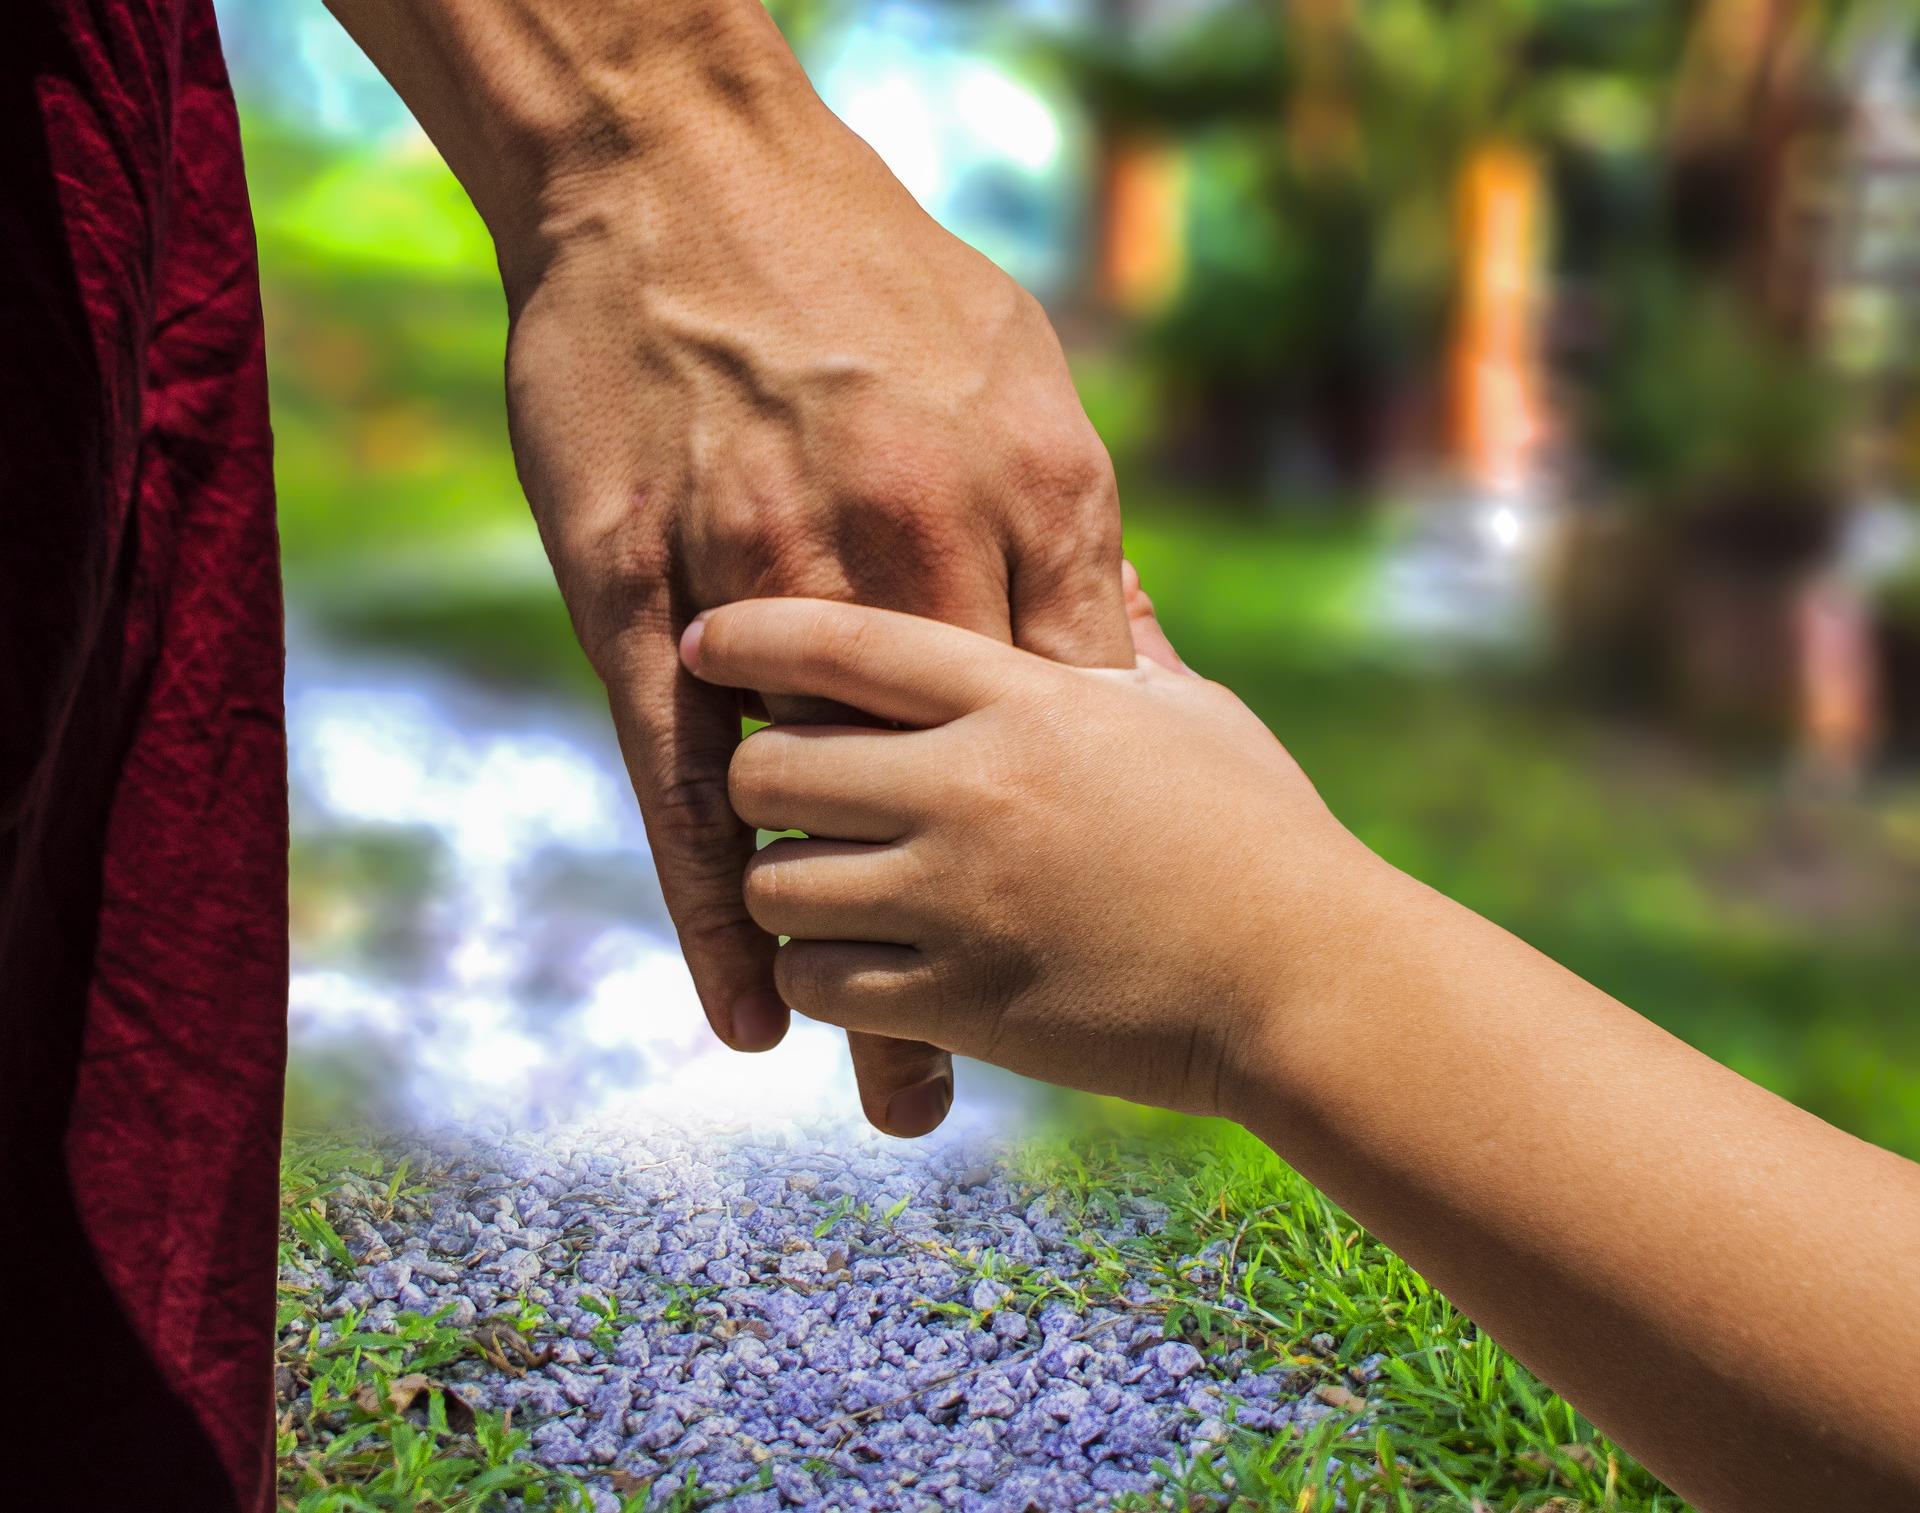 Das Innere Kind heilen, um sein ganzes Potenzial leben zu können